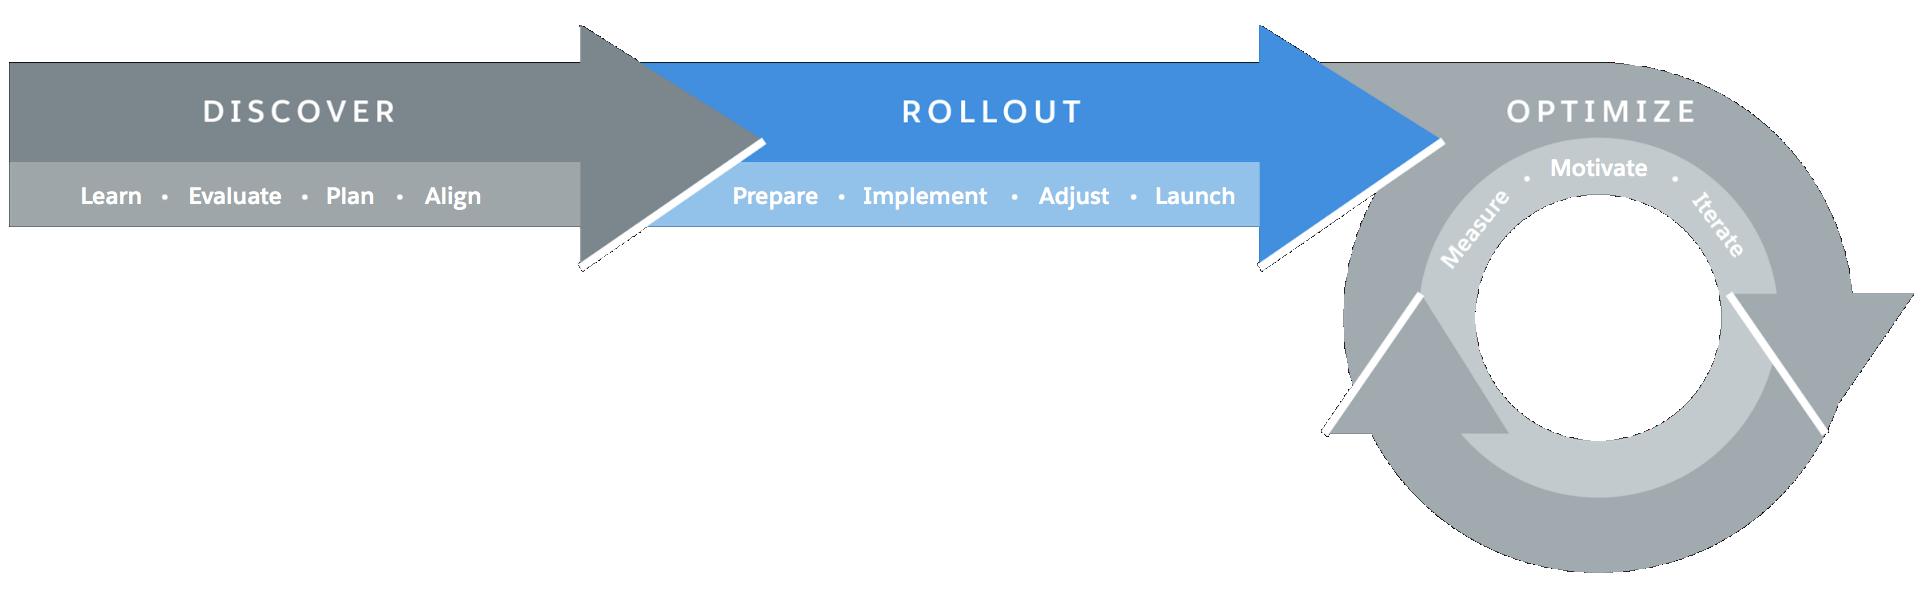 Représentation visuelle de la procédure de migration vers LightningExperience, avec la phase de déploiement mise en évidence